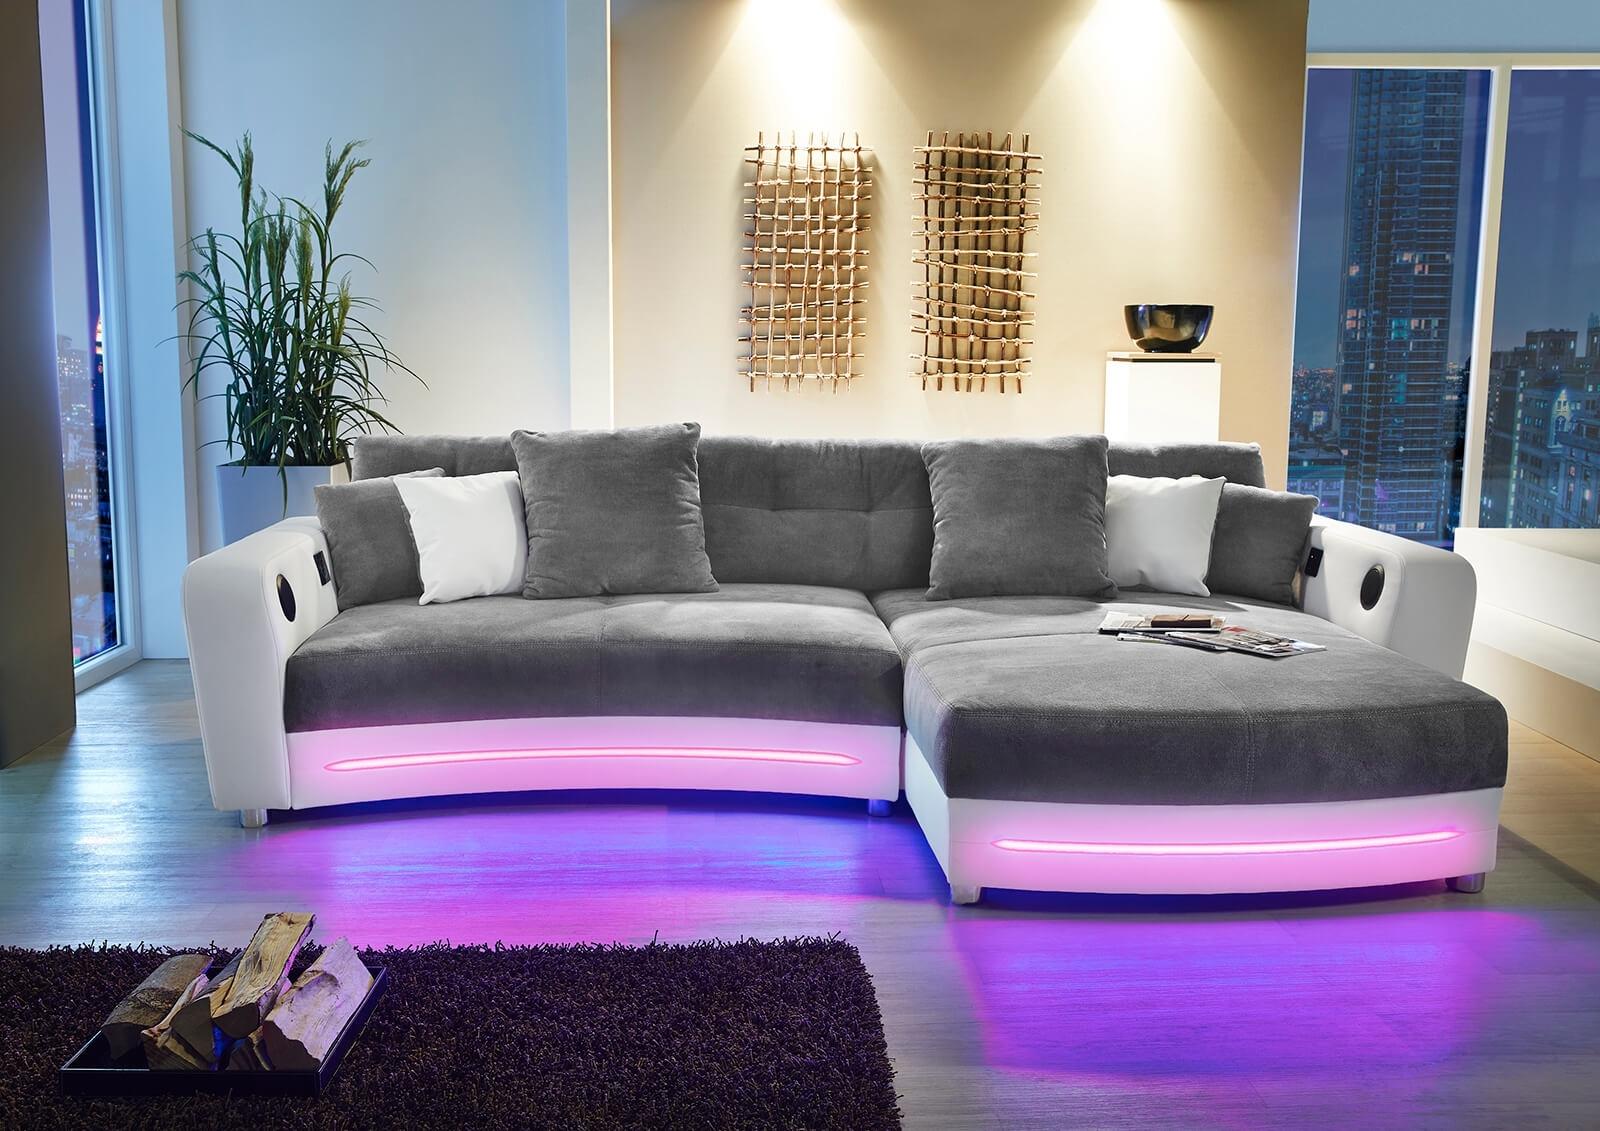 Sofa Couch Ecksofa grau / weiß mit RGB LED-Beleuchtung | eBay